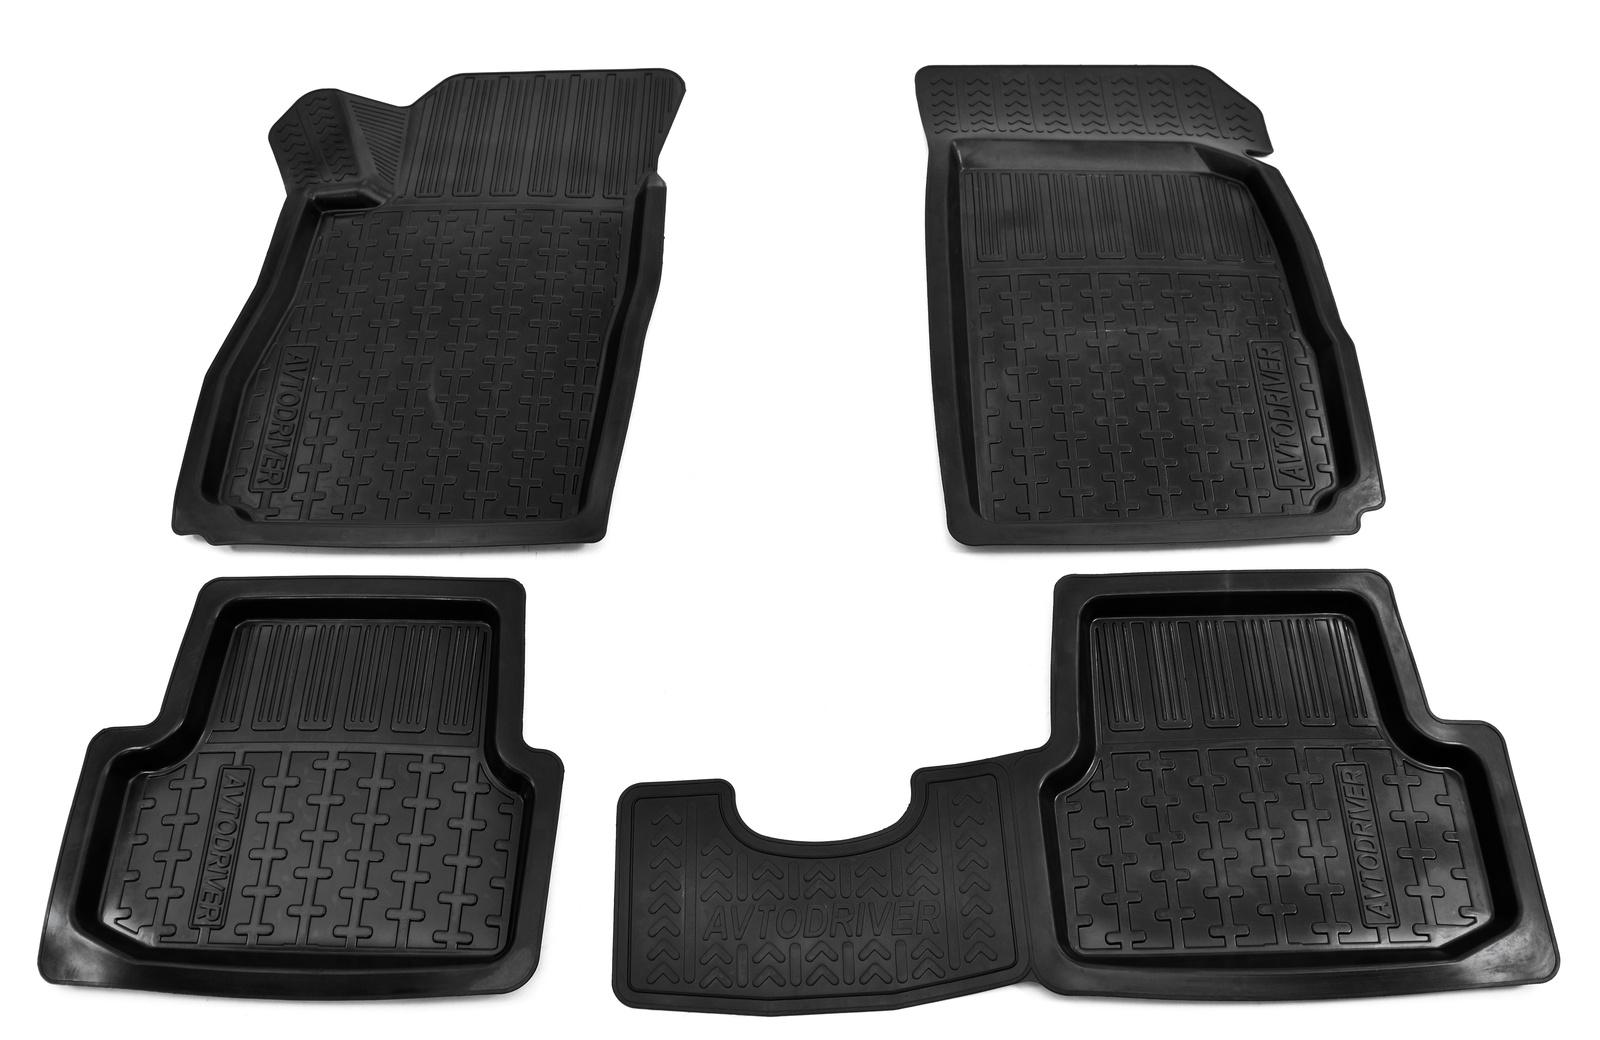 Коврики в салон автомобиля Avtodriver резиновые с бортиком для Chevrolet Cobalt (2012-), ADRPRO008, черный сейф cobalt k 23